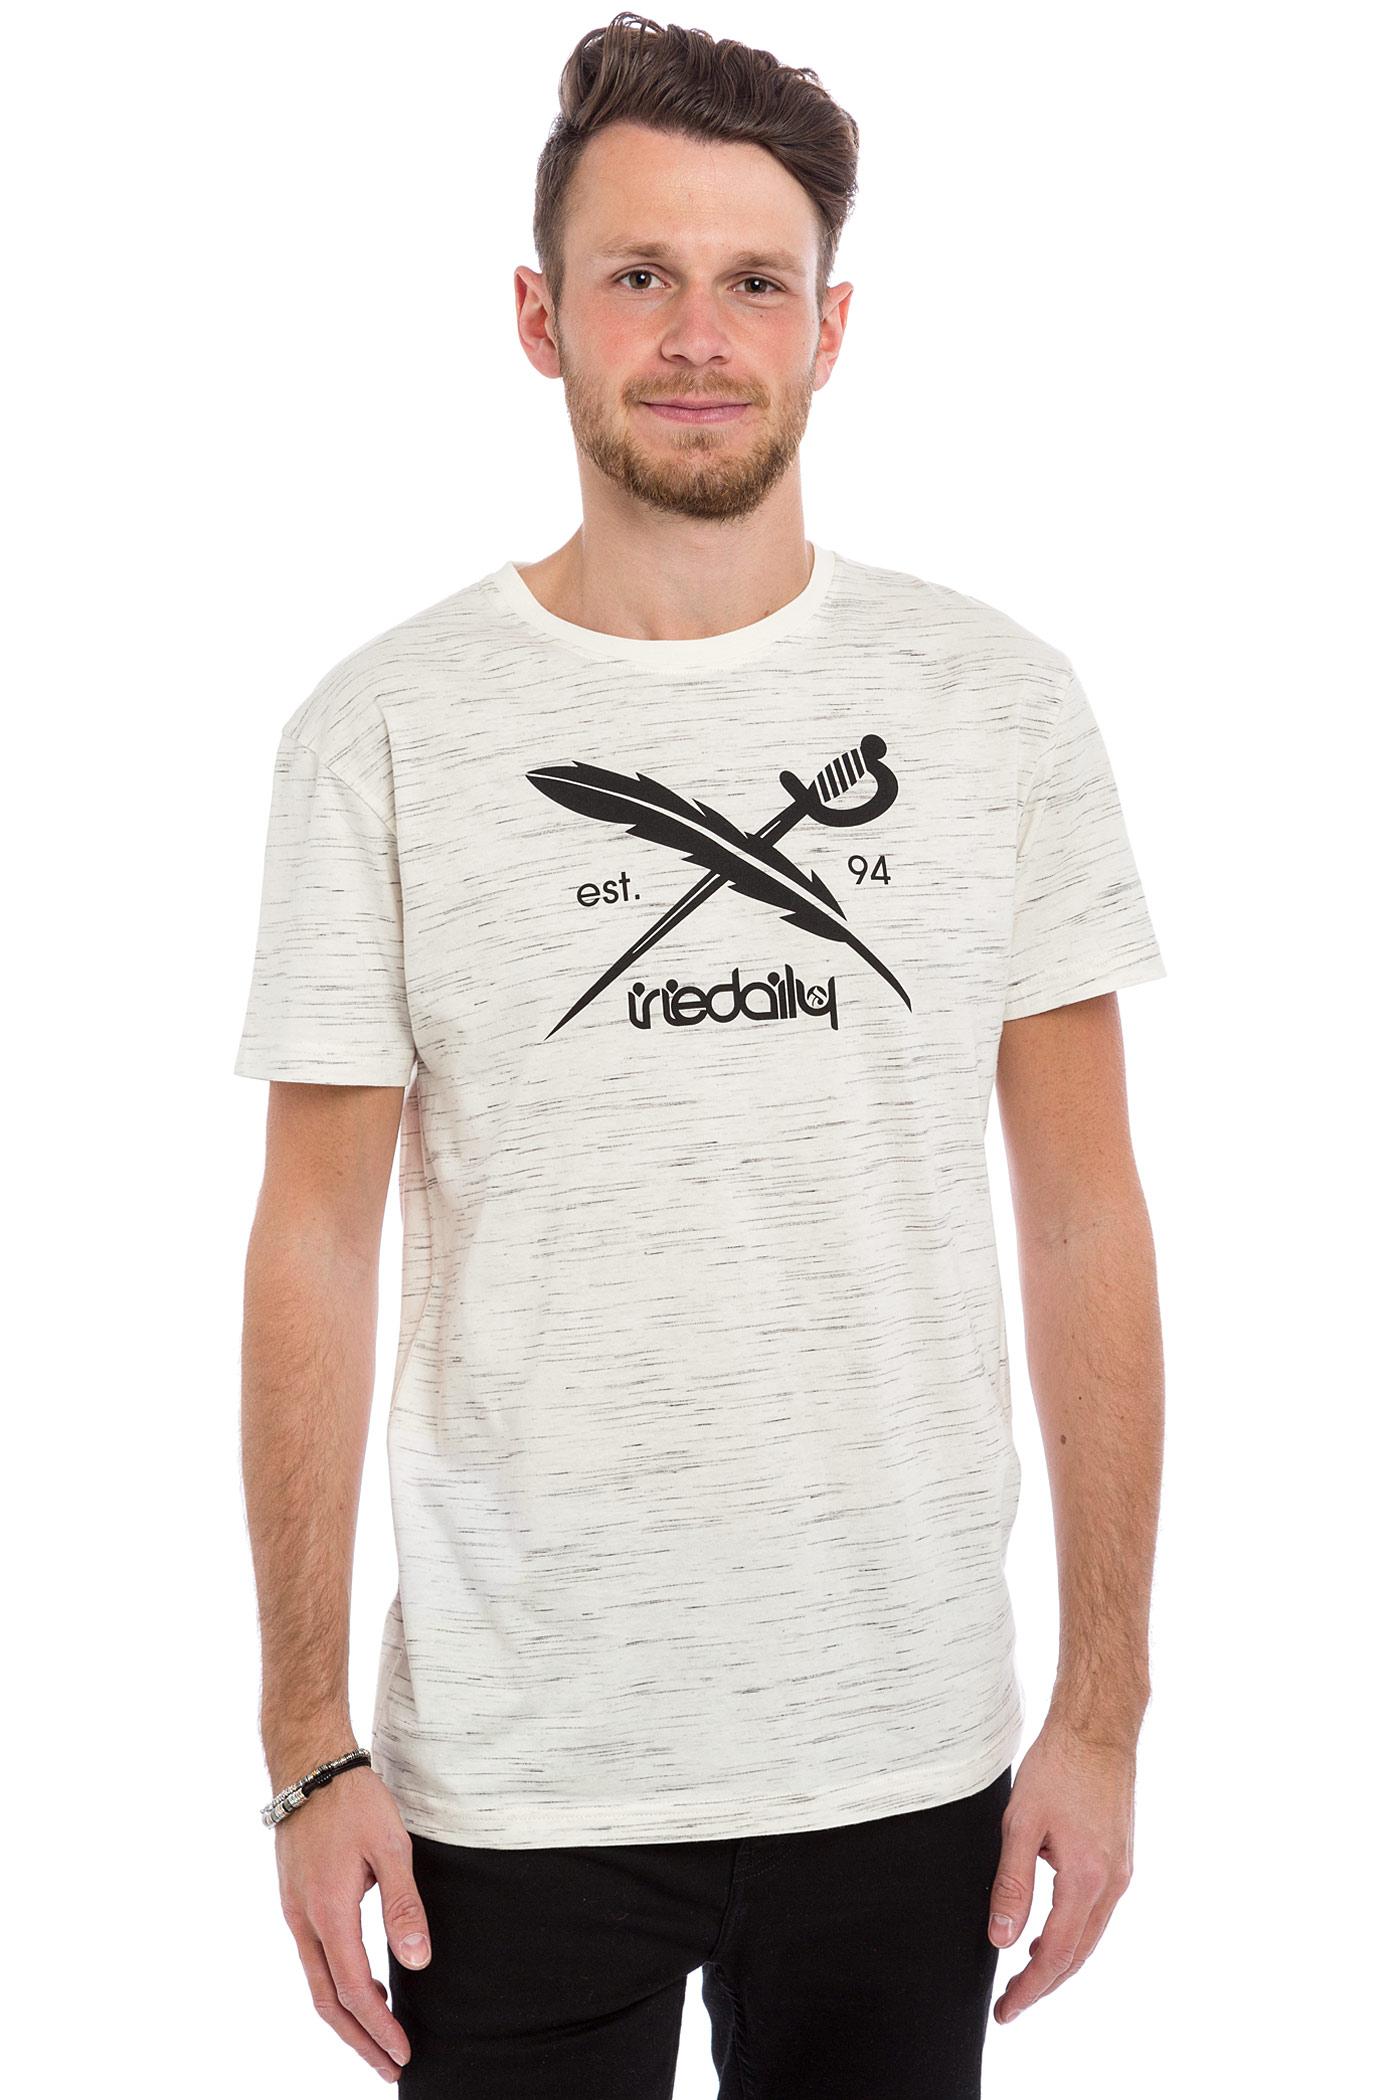 iriedaily mesh flag t shirt white melange buy at skatedeluxe. Black Bedroom Furniture Sets. Home Design Ideas